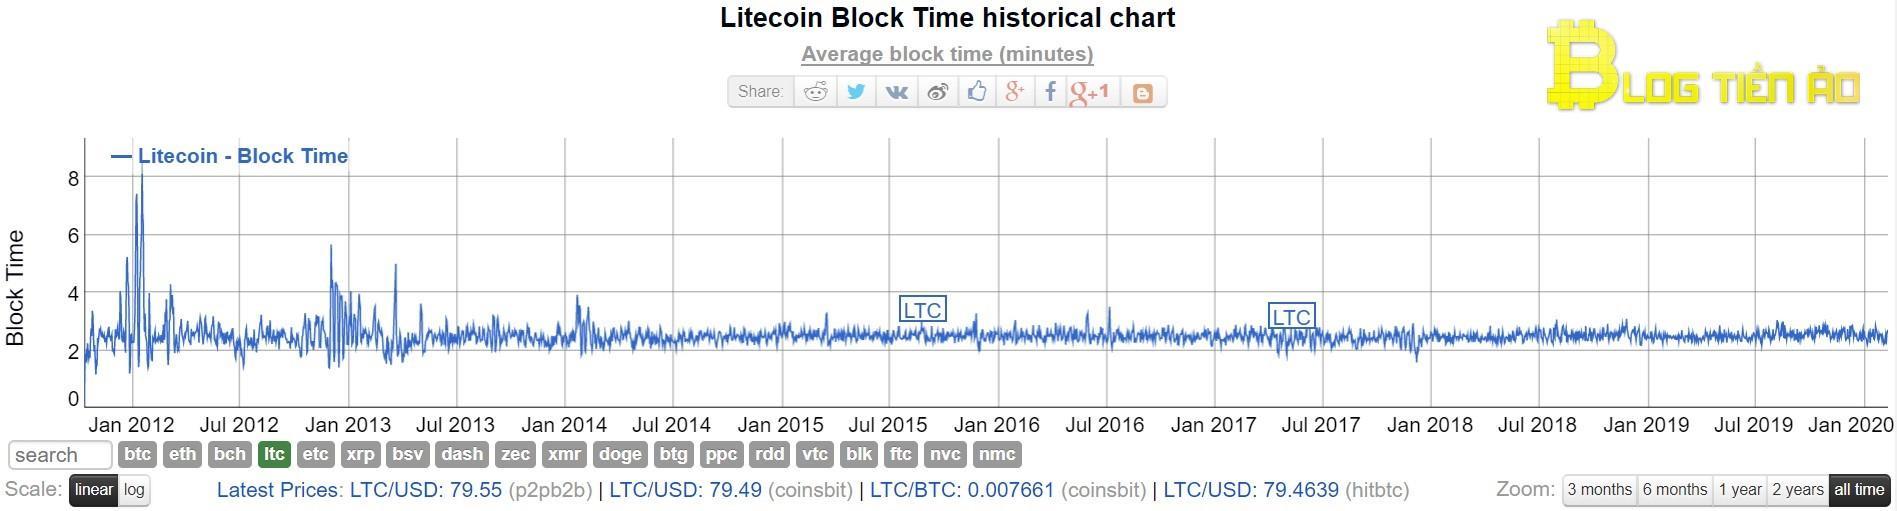 ライトコインのブロック作成時間